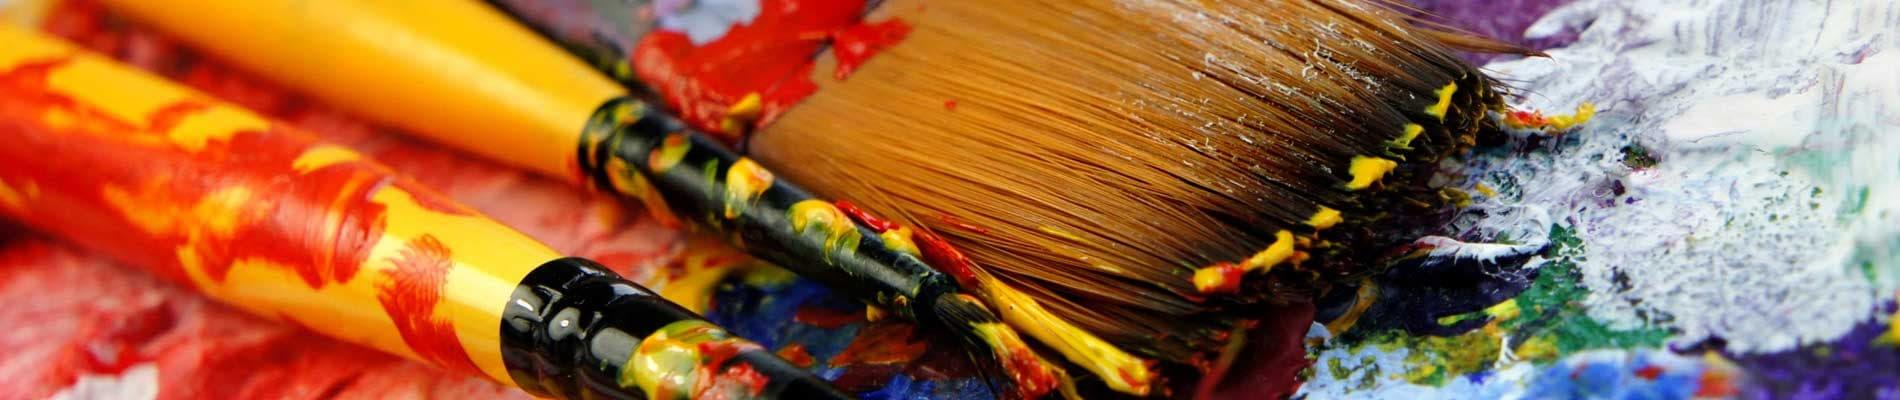 Pintura i plàstics